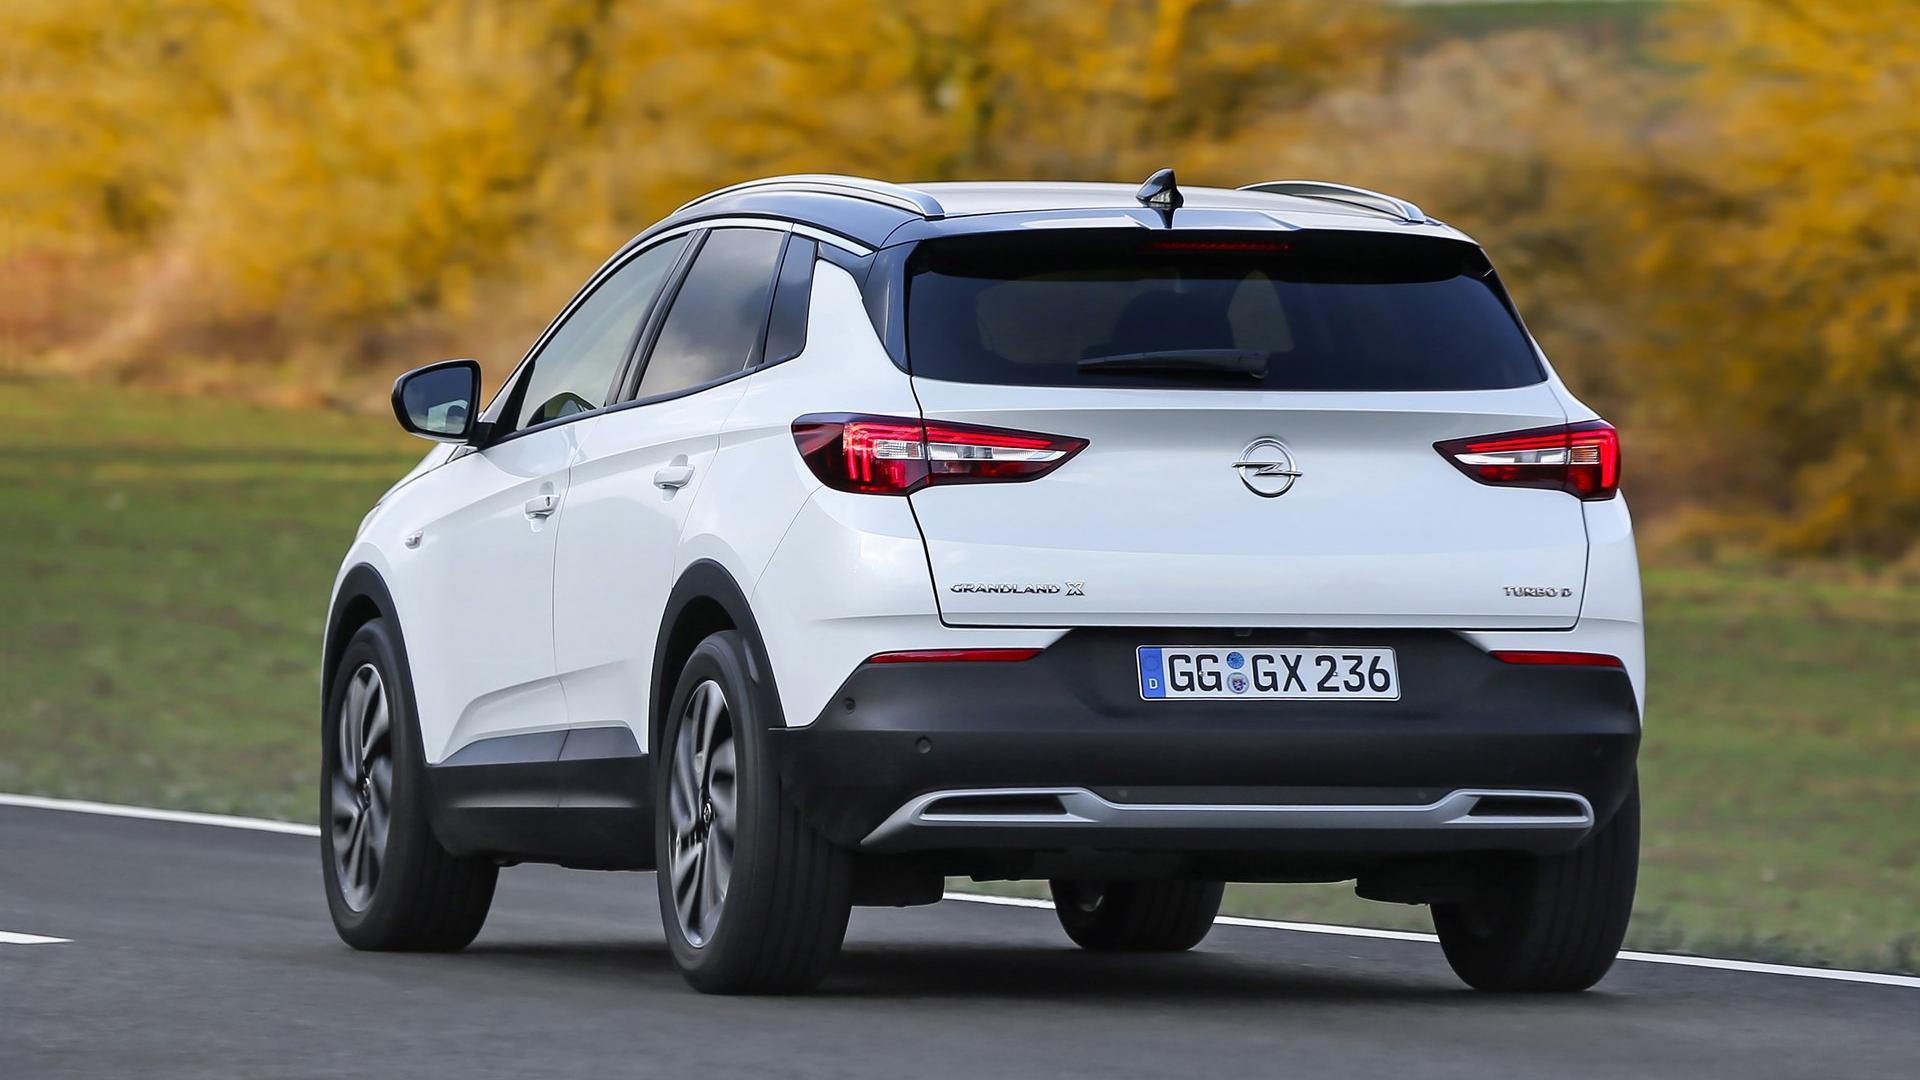 Opel Mokka 2018 >> Opel Grandland X Ultimate (2018) - Galerie prasowe - Galeria • AutoCentrum.pl